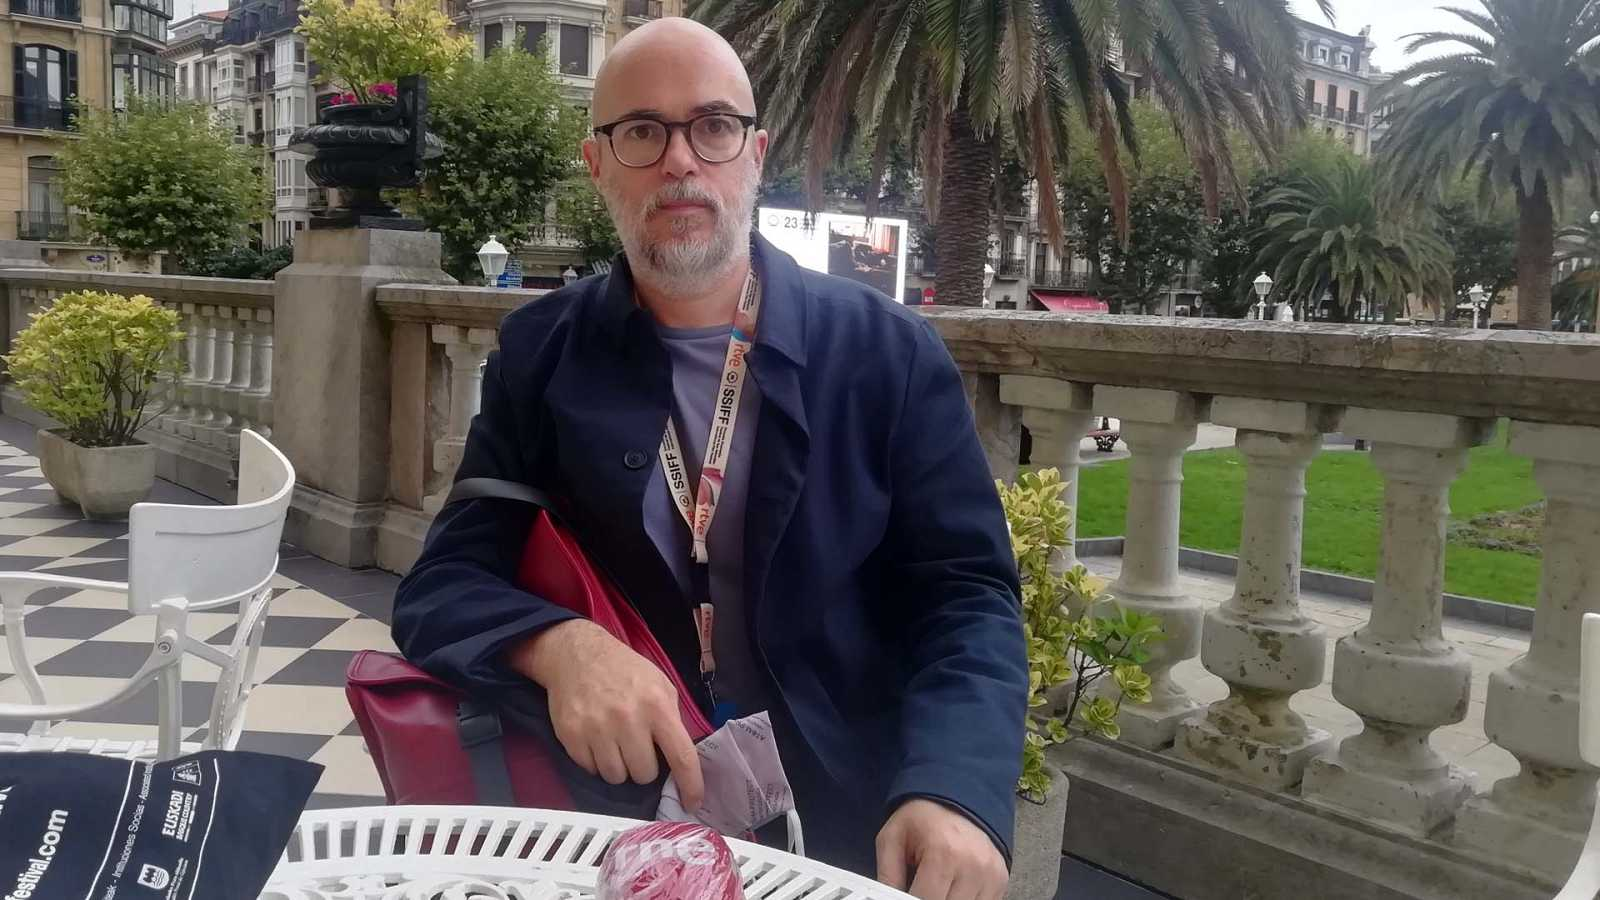 Hora América de cine - Santiago Loza en 'Edición ilimitada' - 15/01/21 - escuchar ahora